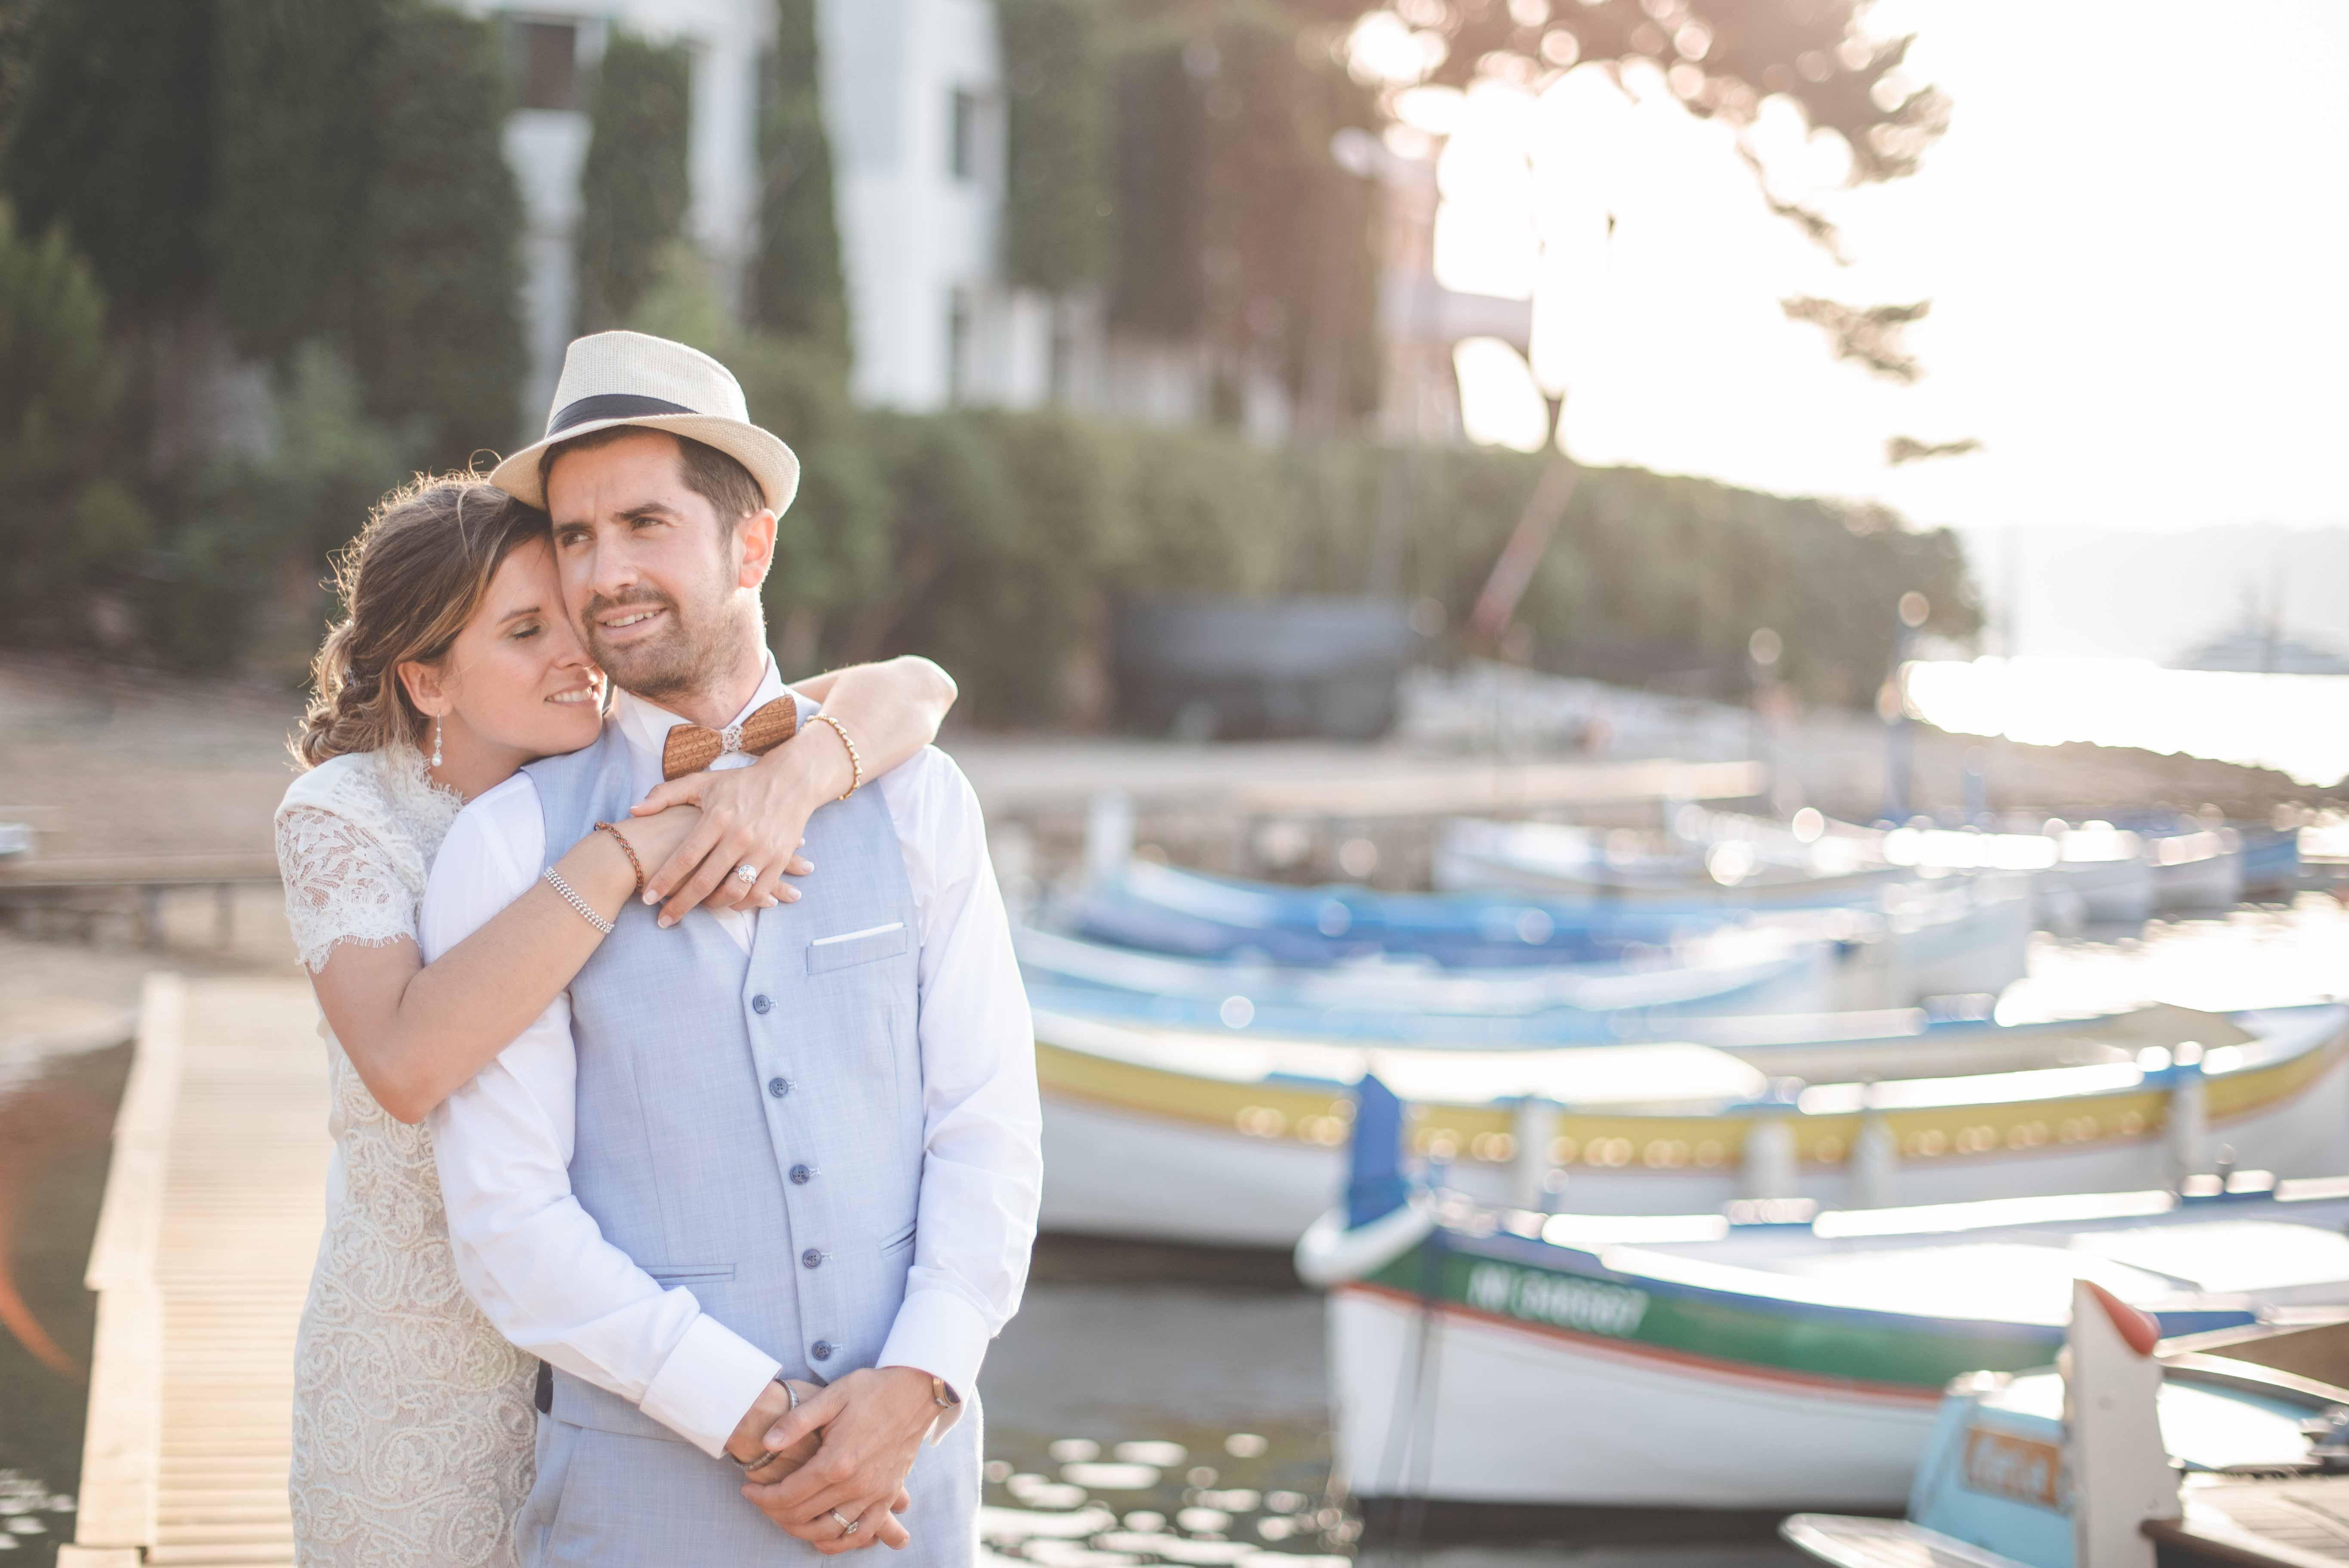 Séance photo mariage sur la plage 06